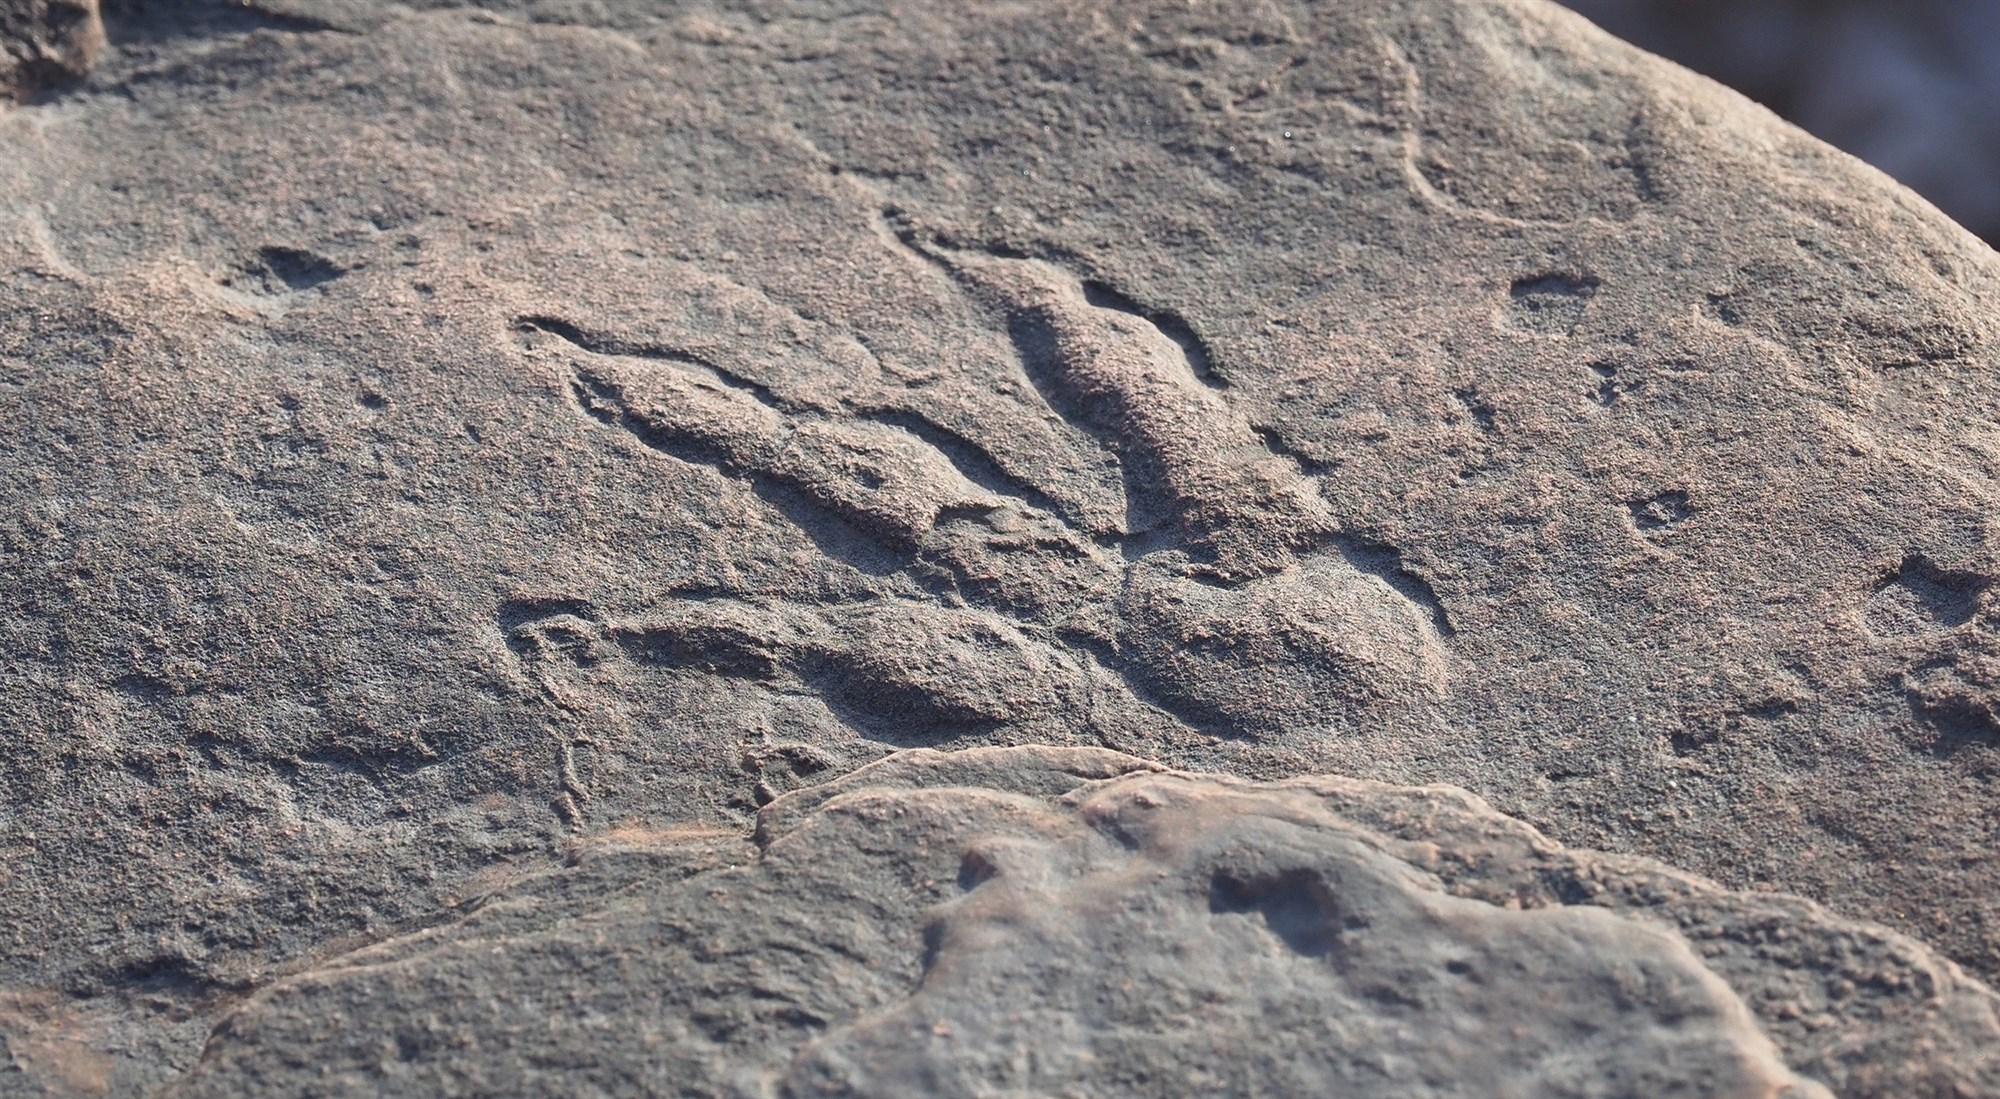 След стопы динозавра, обнаруженный на пляже в Уэльсе